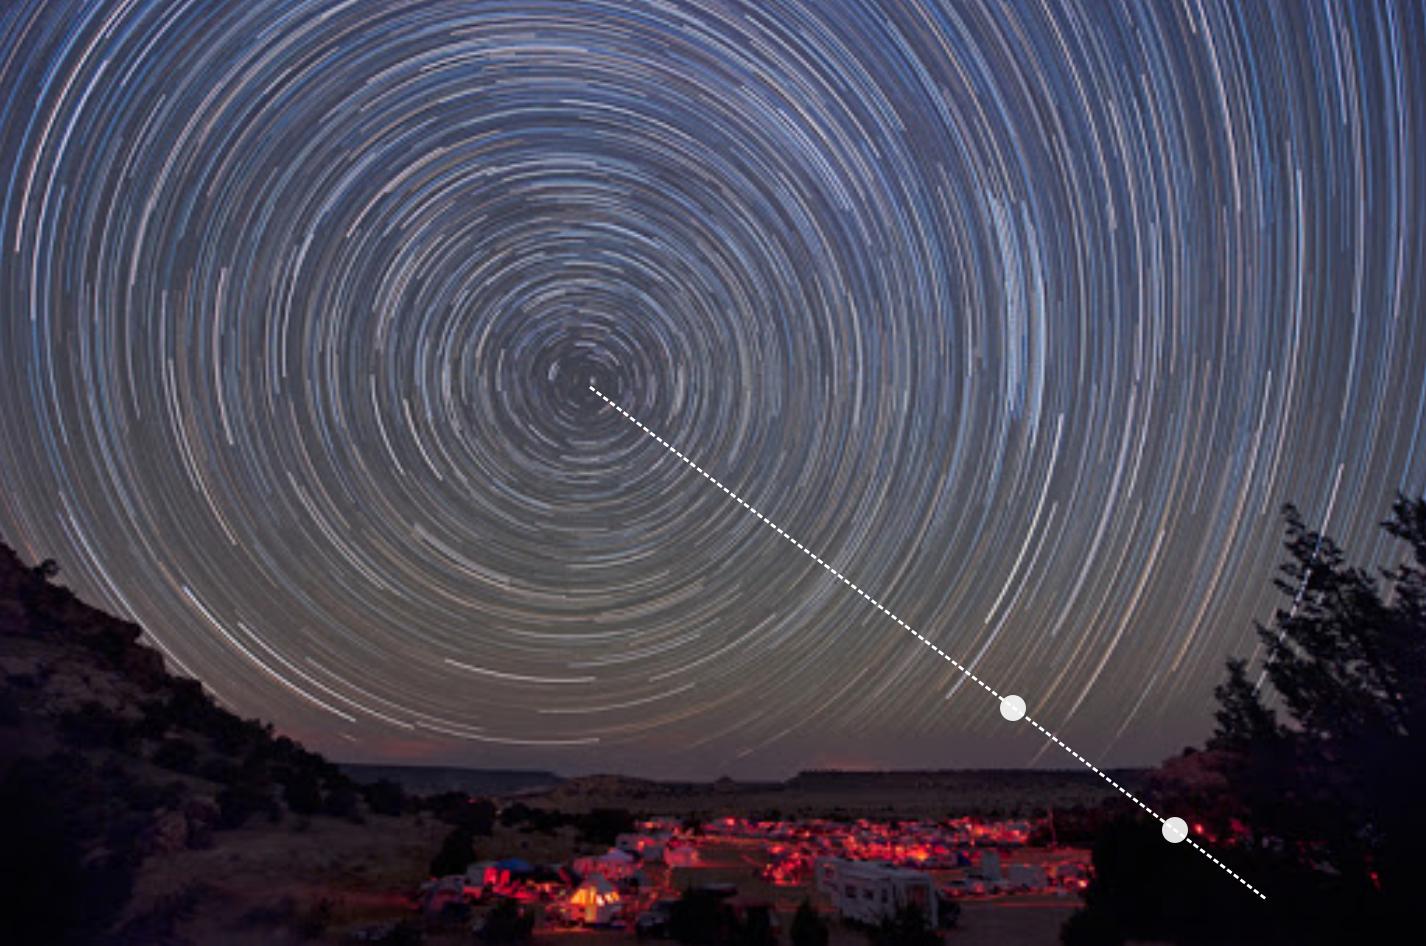 Линия звезд с одинаковым часовым углом